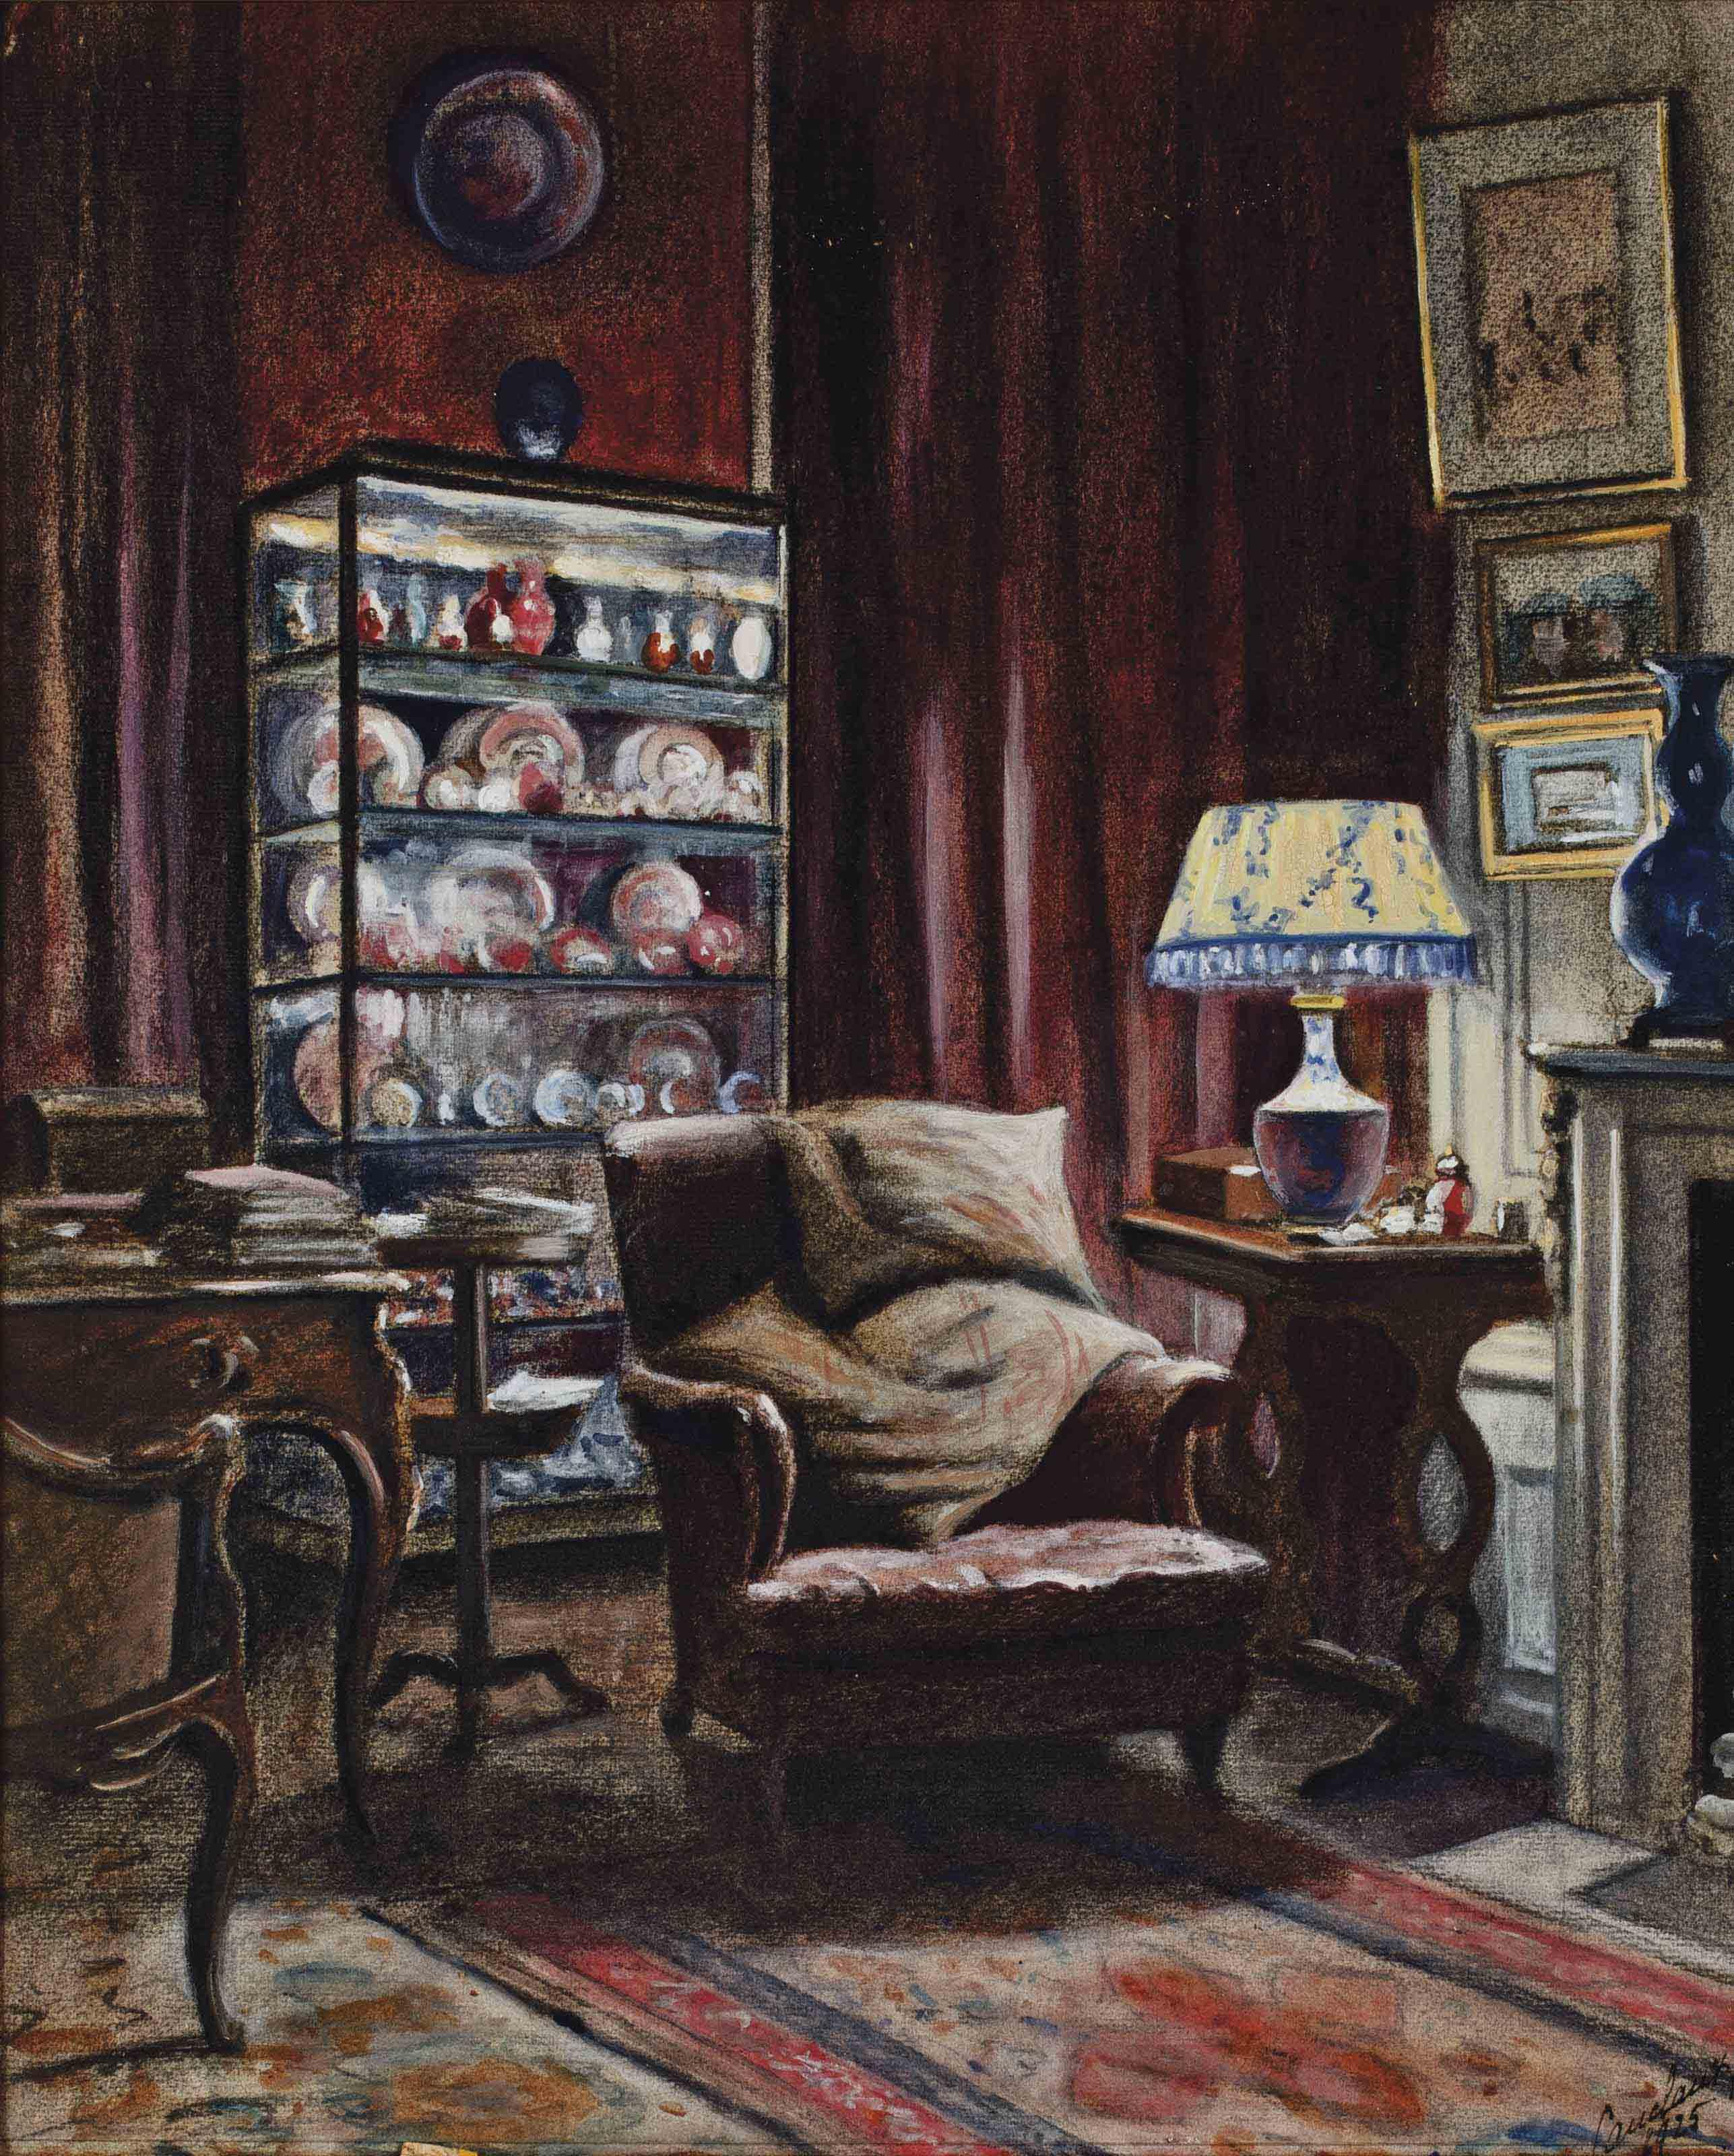 ecole francaise du xxeme siecle int rieur d 39 un cabinet d 39 amateur christie 39 s. Black Bedroom Furniture Sets. Home Design Ideas